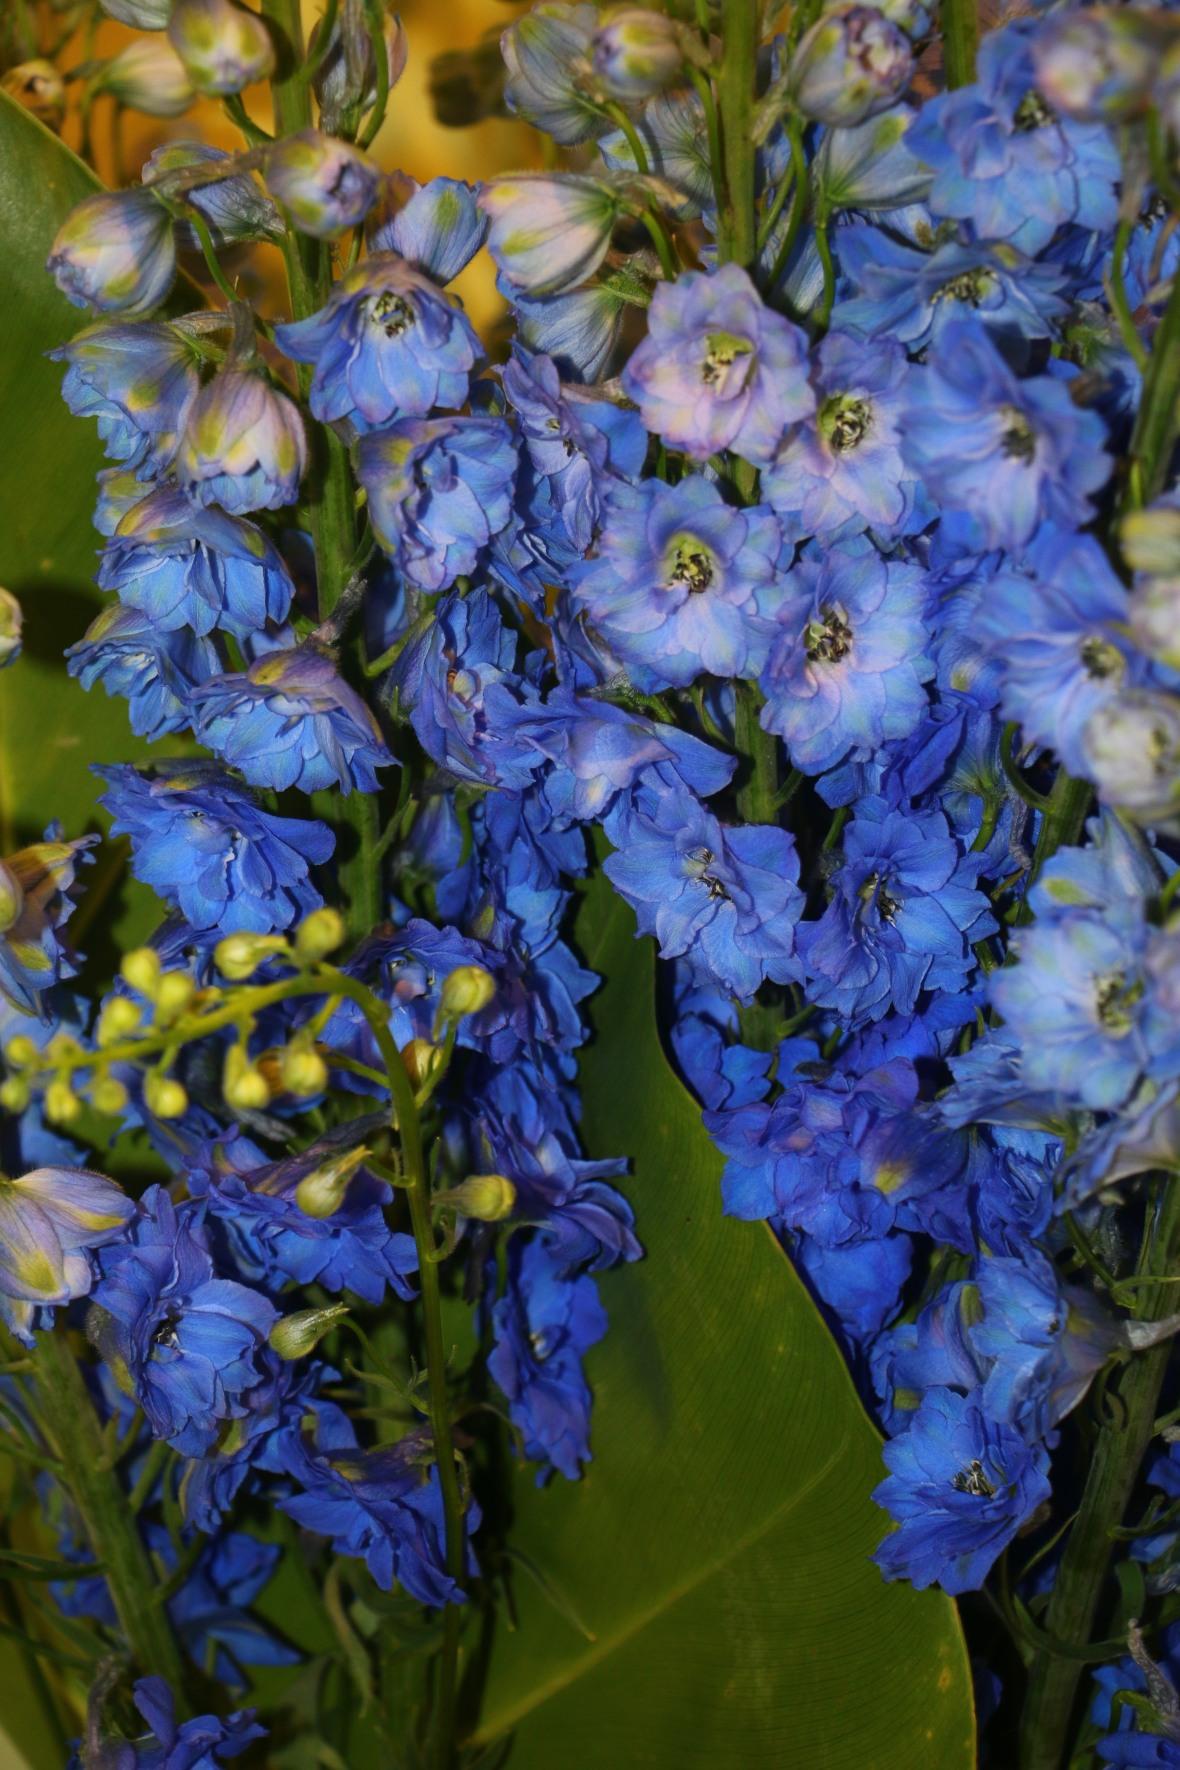 Floral Portrait Series: The Blue Delphiniums ala J Cellan Designs